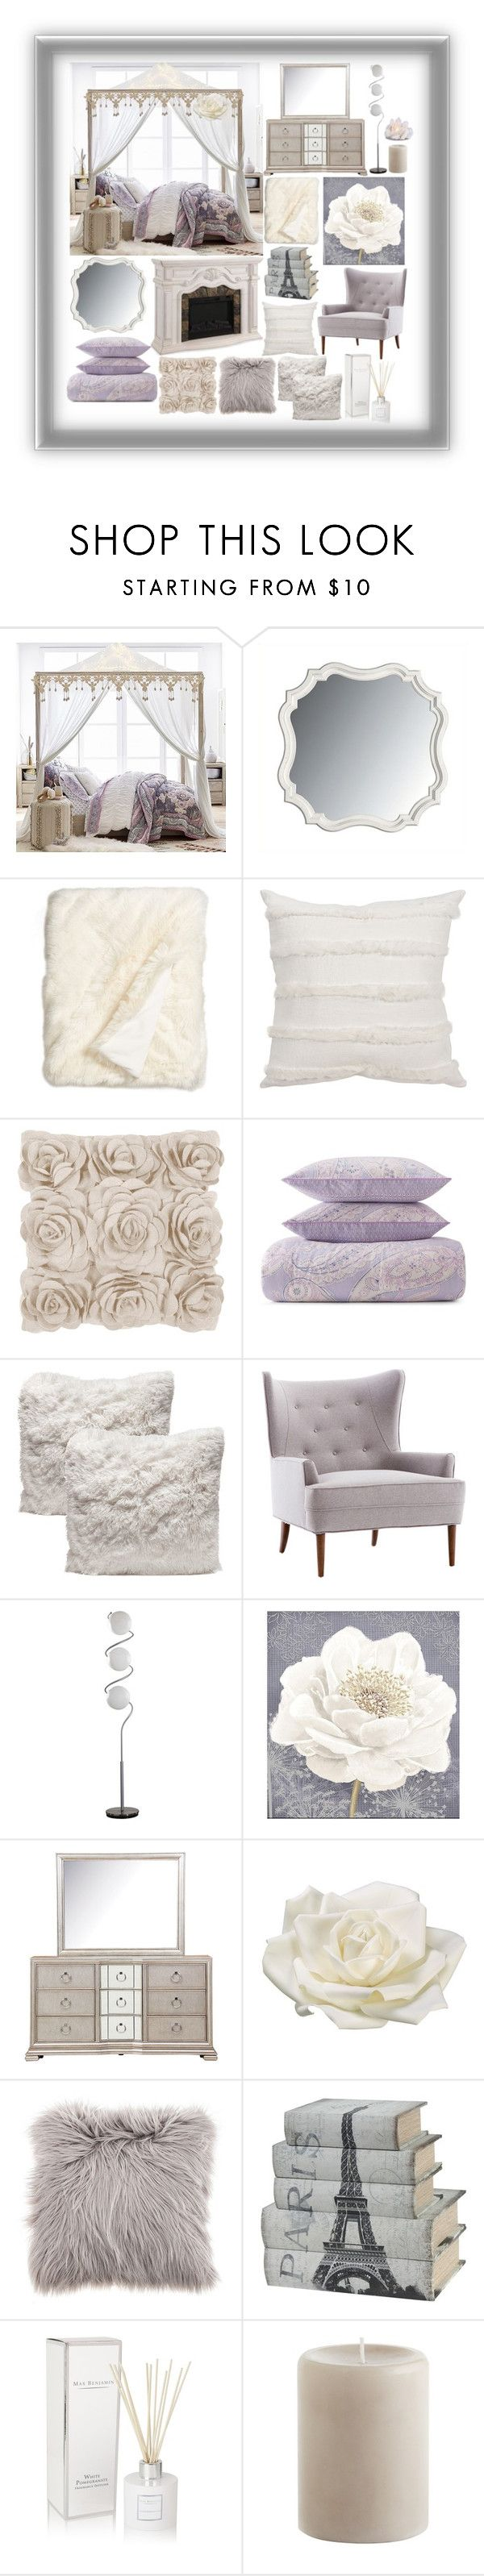 best 25 classy teen bedroom ideas only on pinterest cute teen